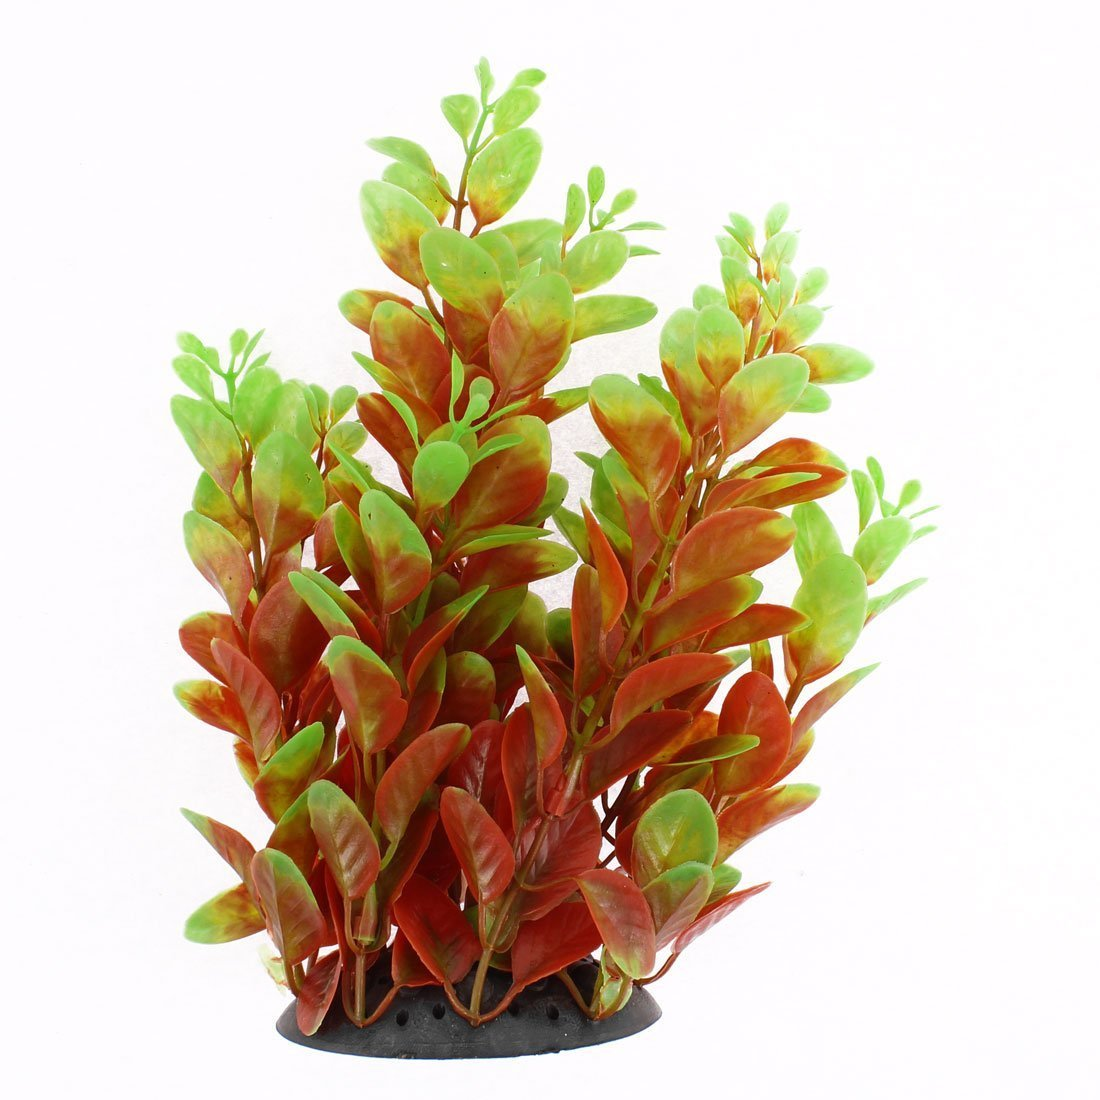 1Pc Ceramic Base Plastic Aquarium Water Plant Grass Decoration 18cm Height